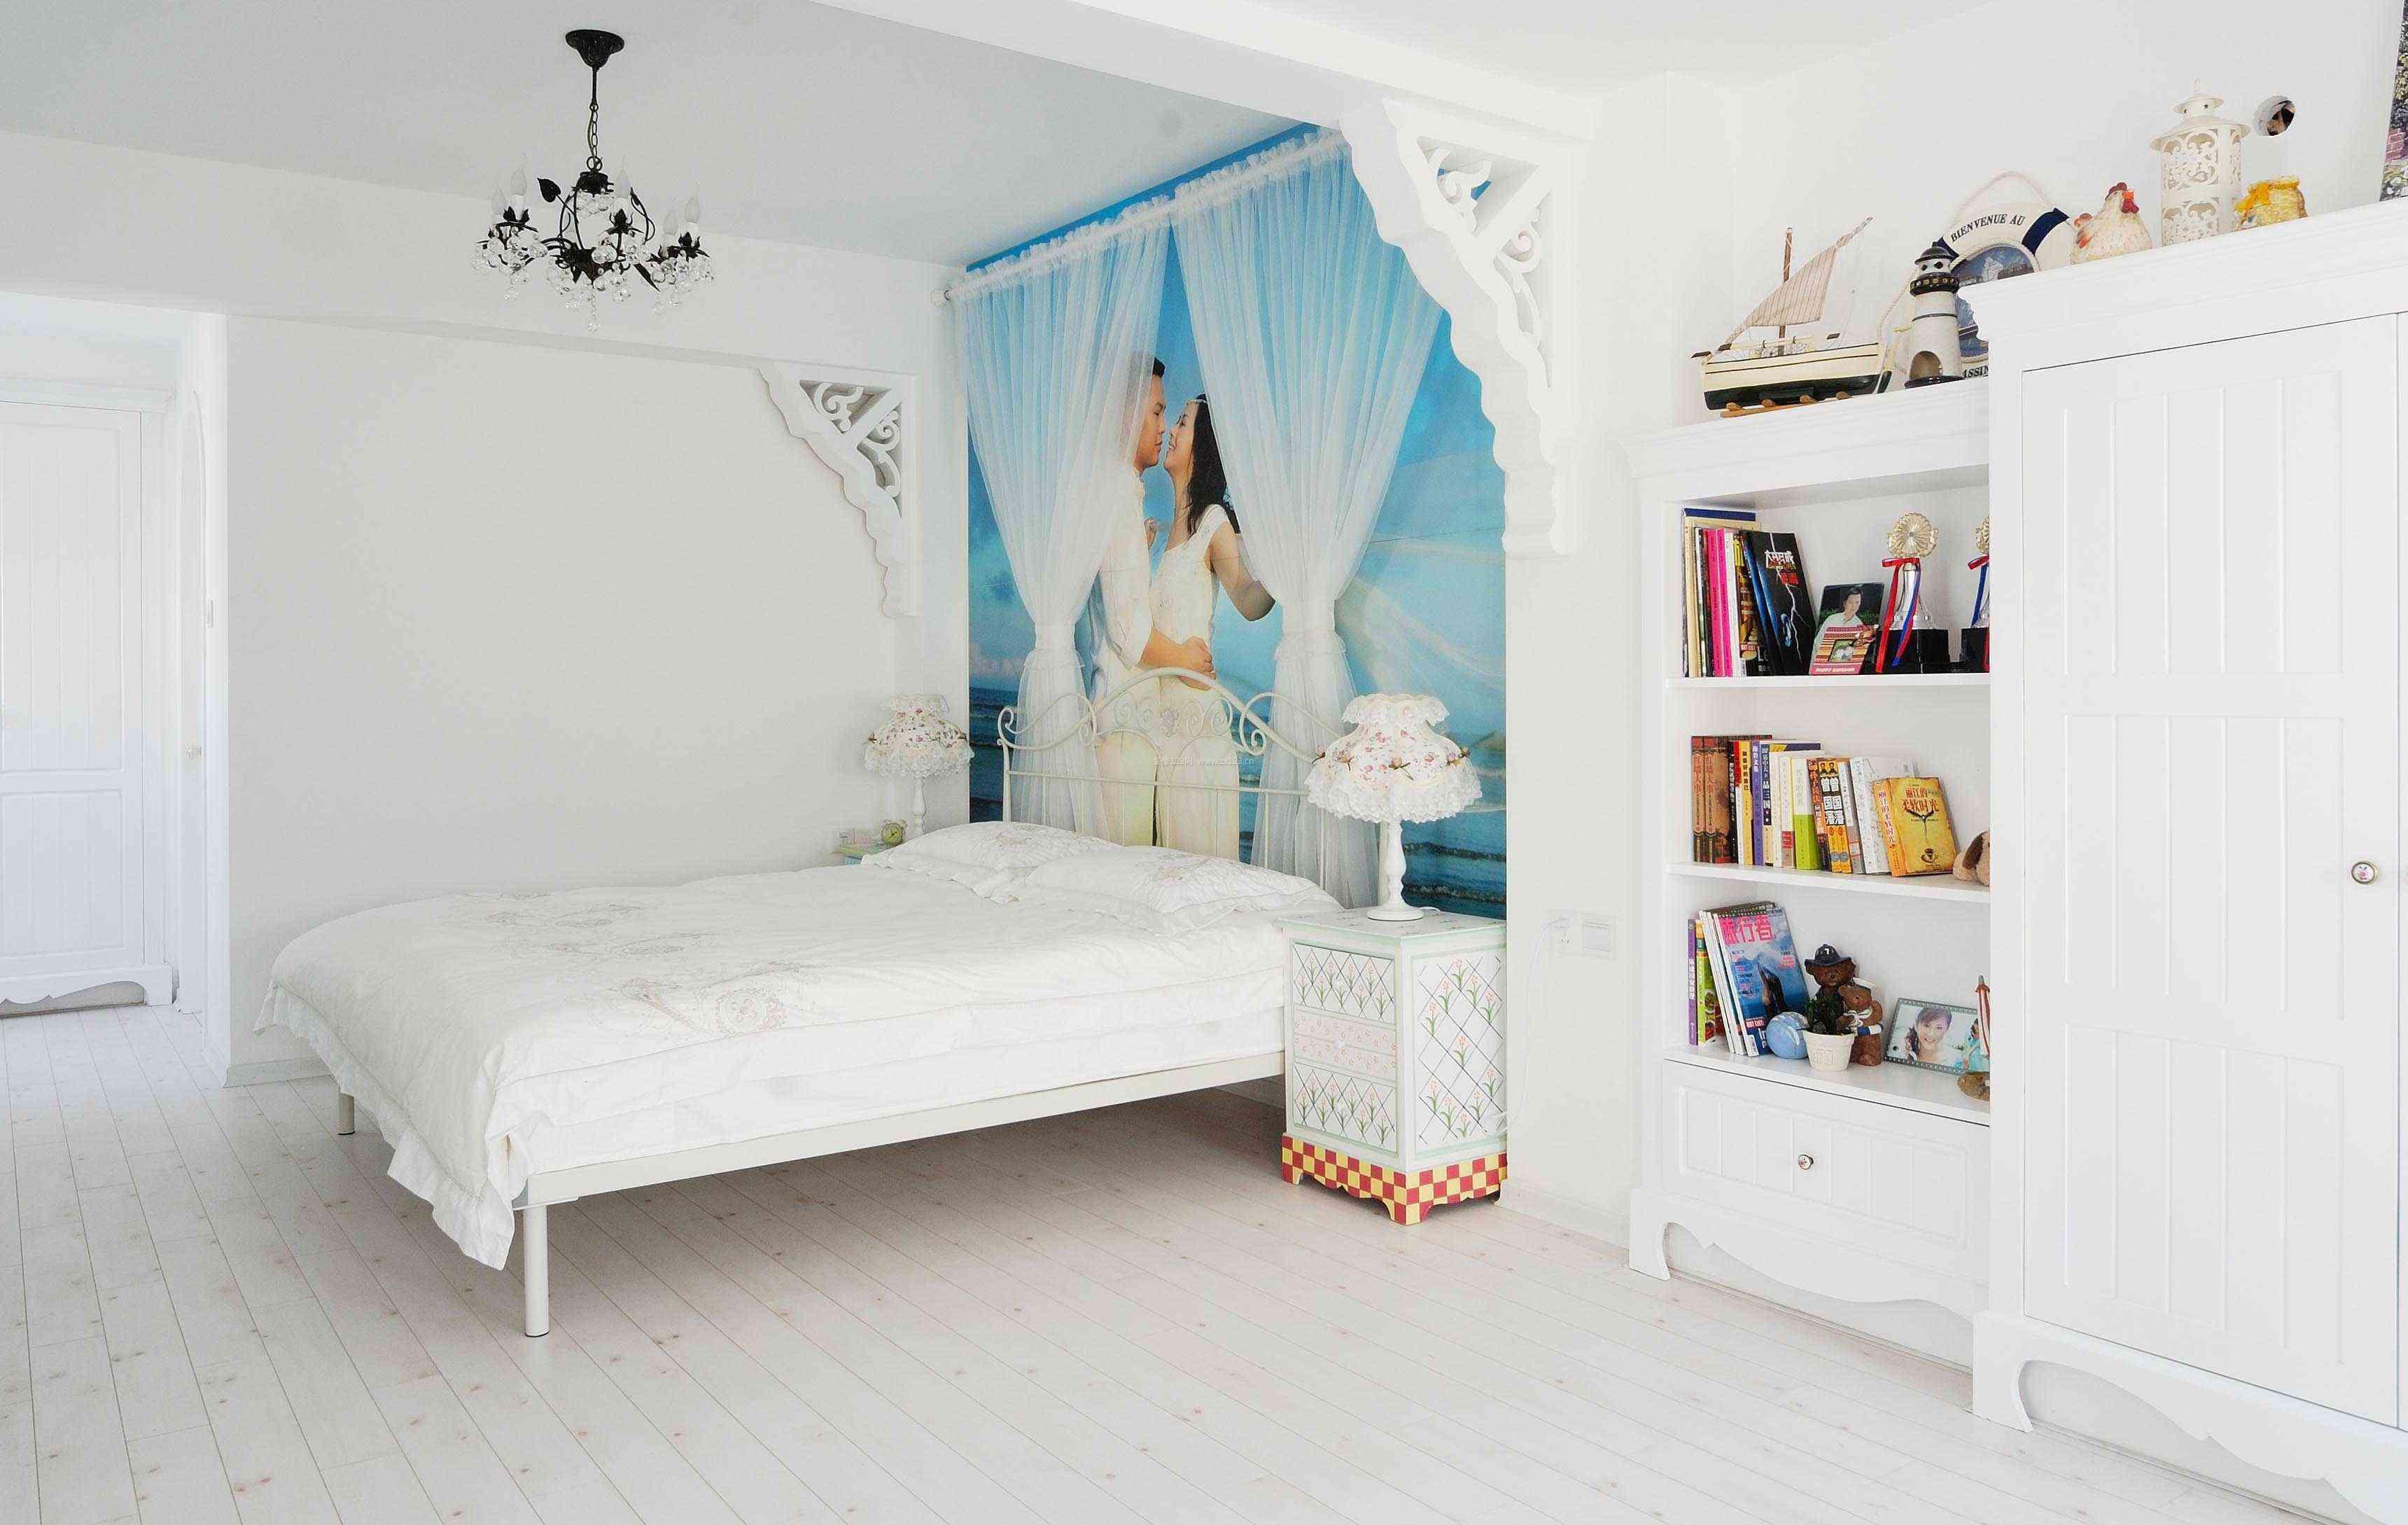 婚房公寓式住宅装修设计效果图